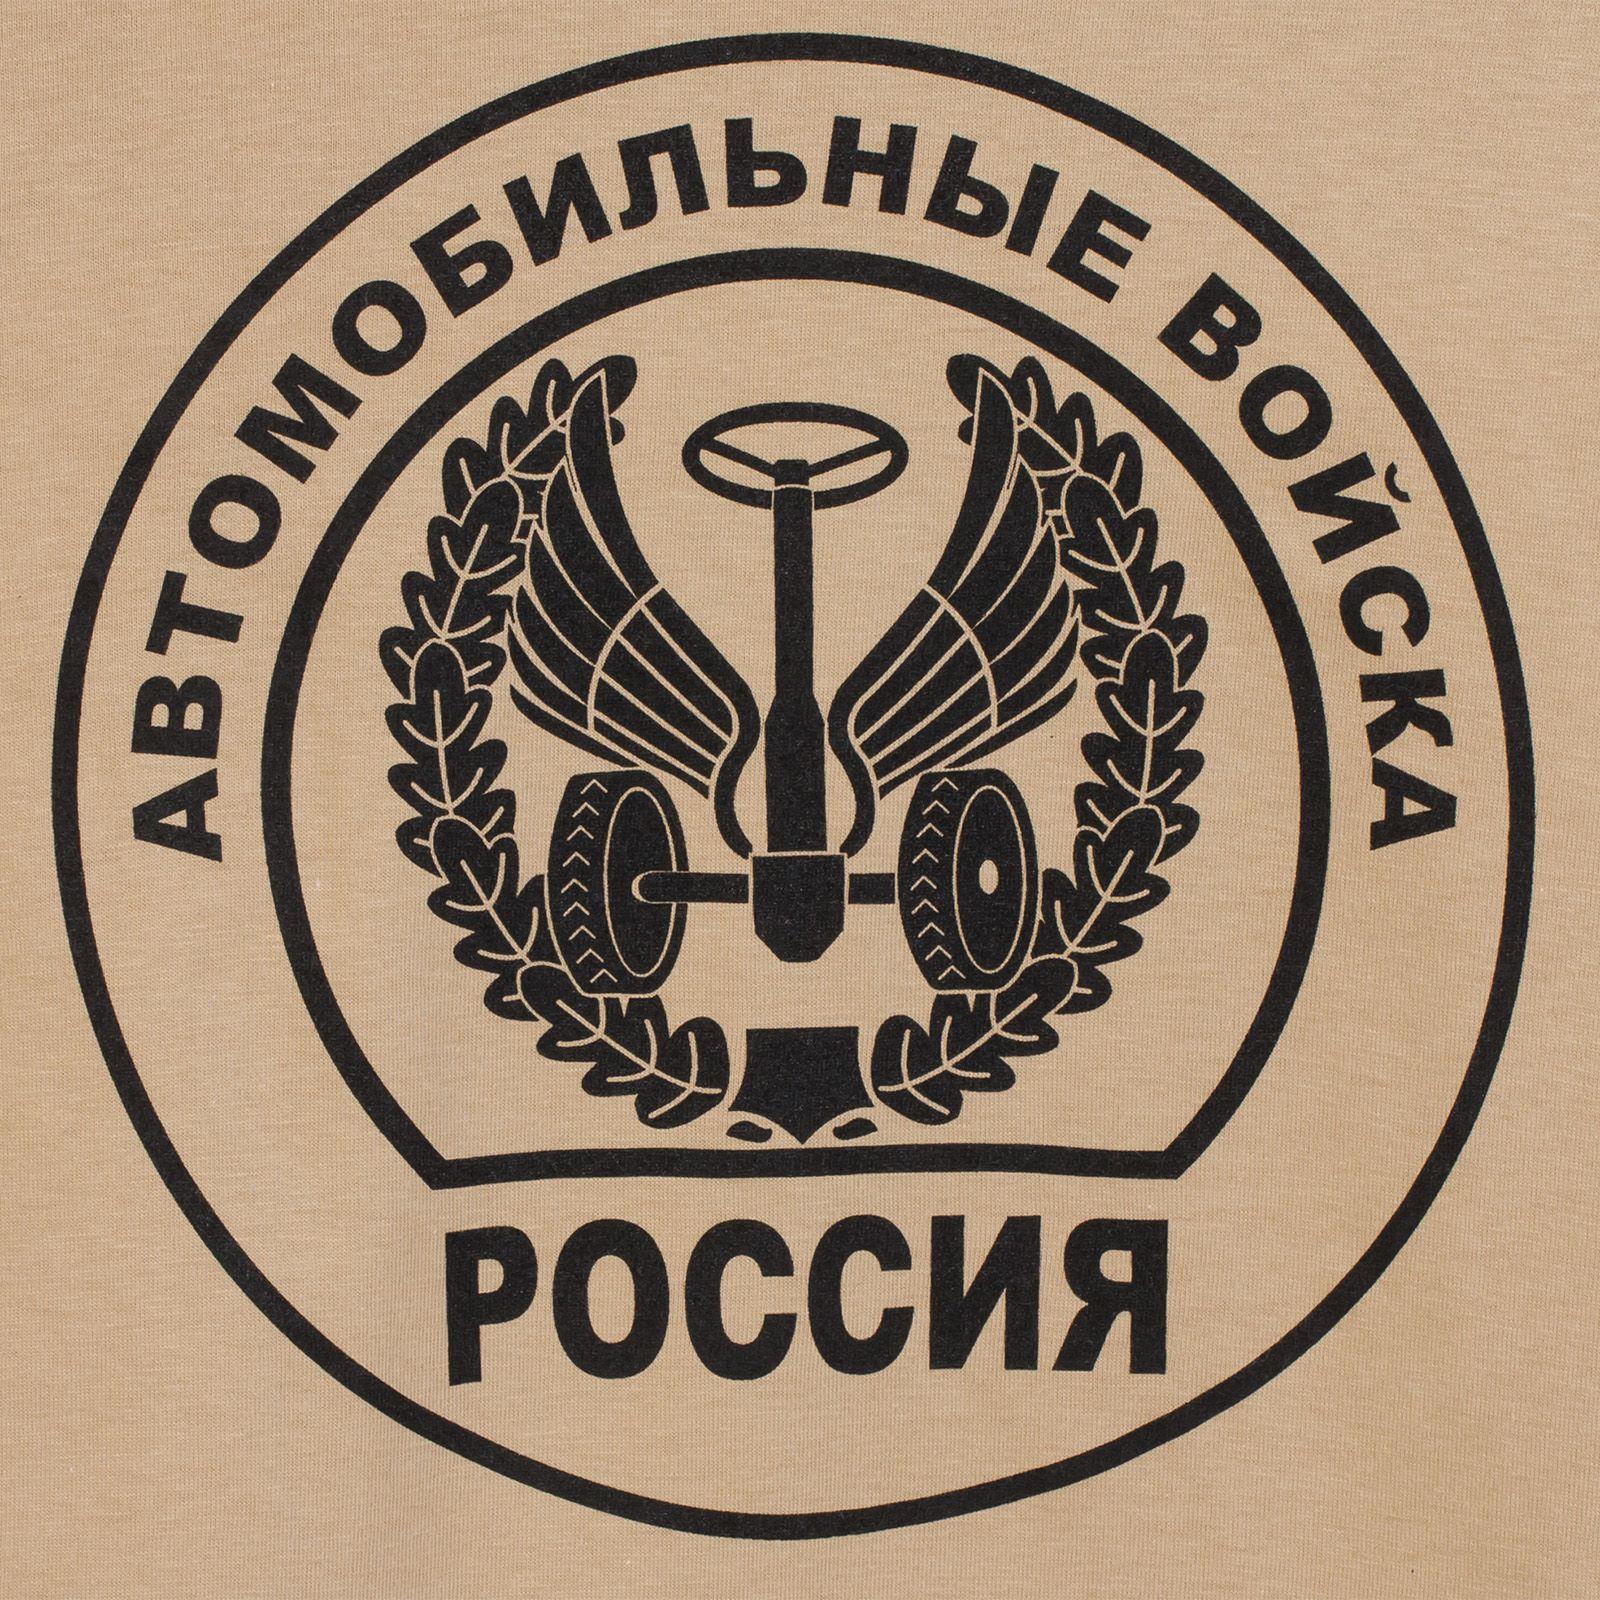 Футболка с символикой Автобата - цвет песочный